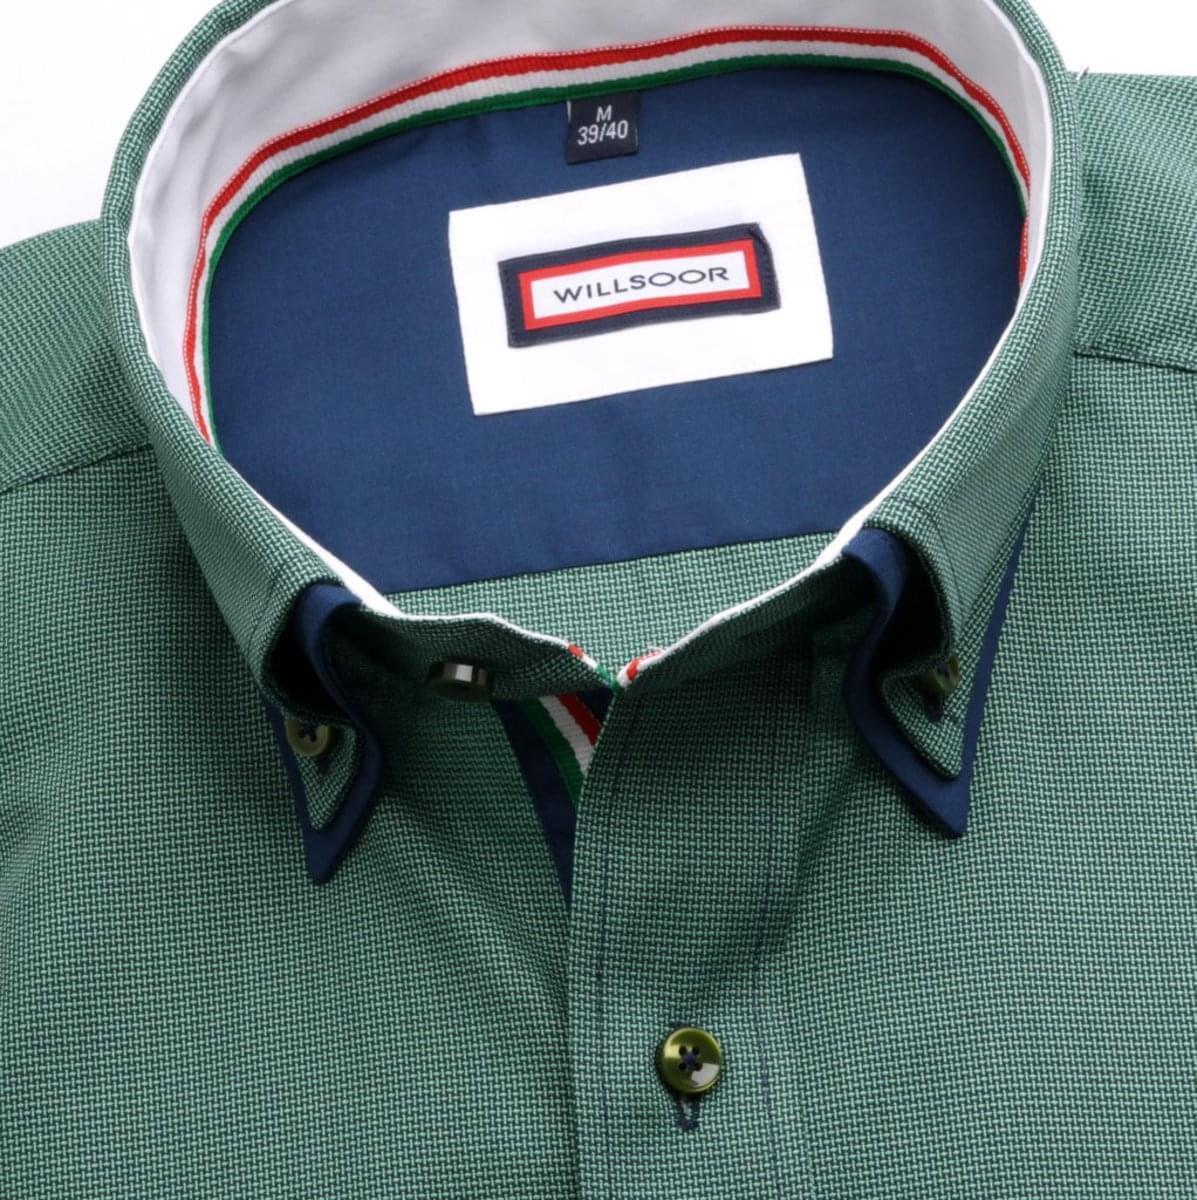 Pánska klasická košeľa (výška 176-182) 6790 v zelené farbe s dvojitým golierikom na gombíky 176-182 / L (41/42)